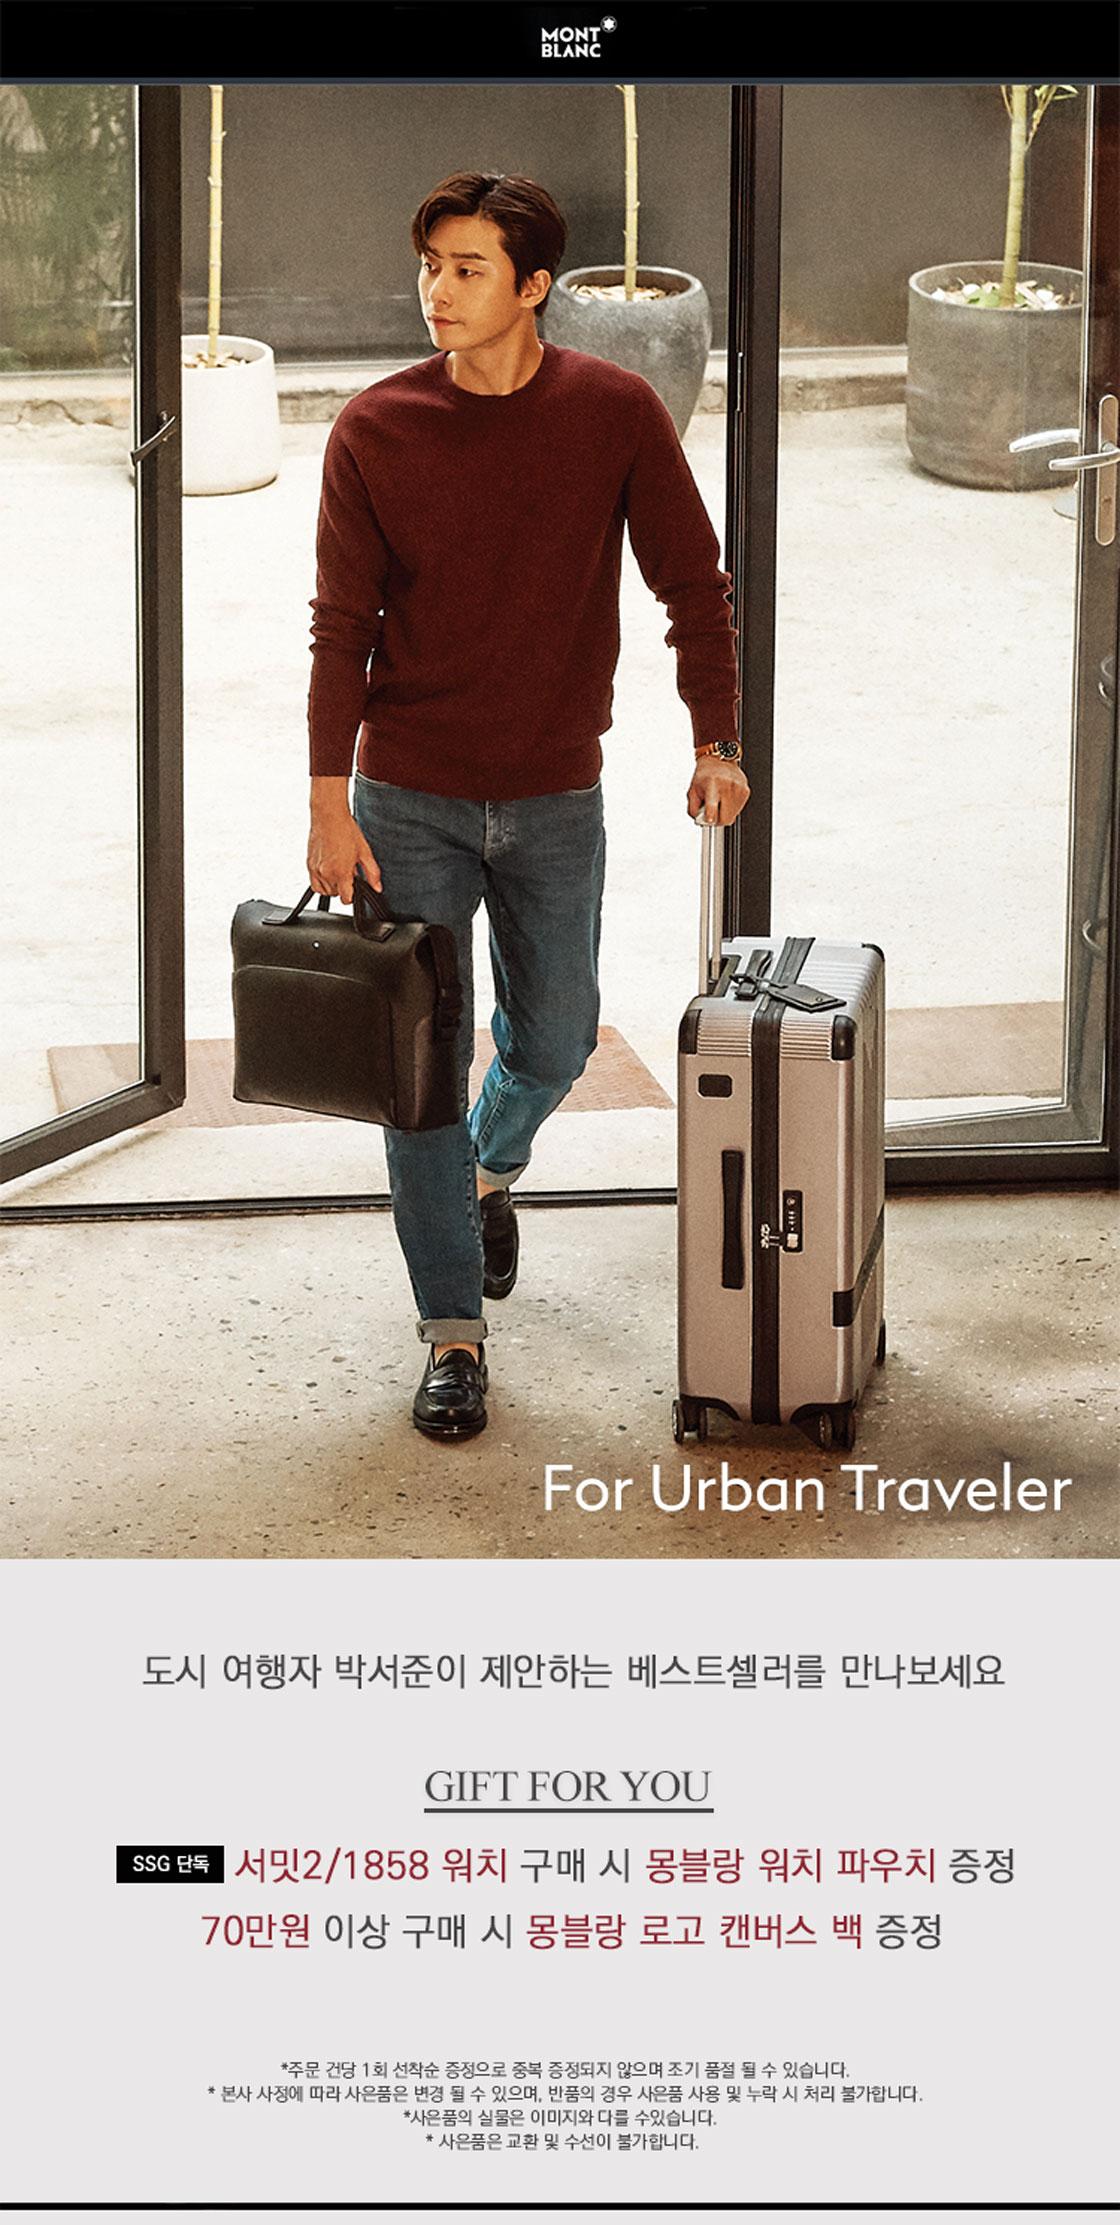 [몽블랑] For Urban Traveler